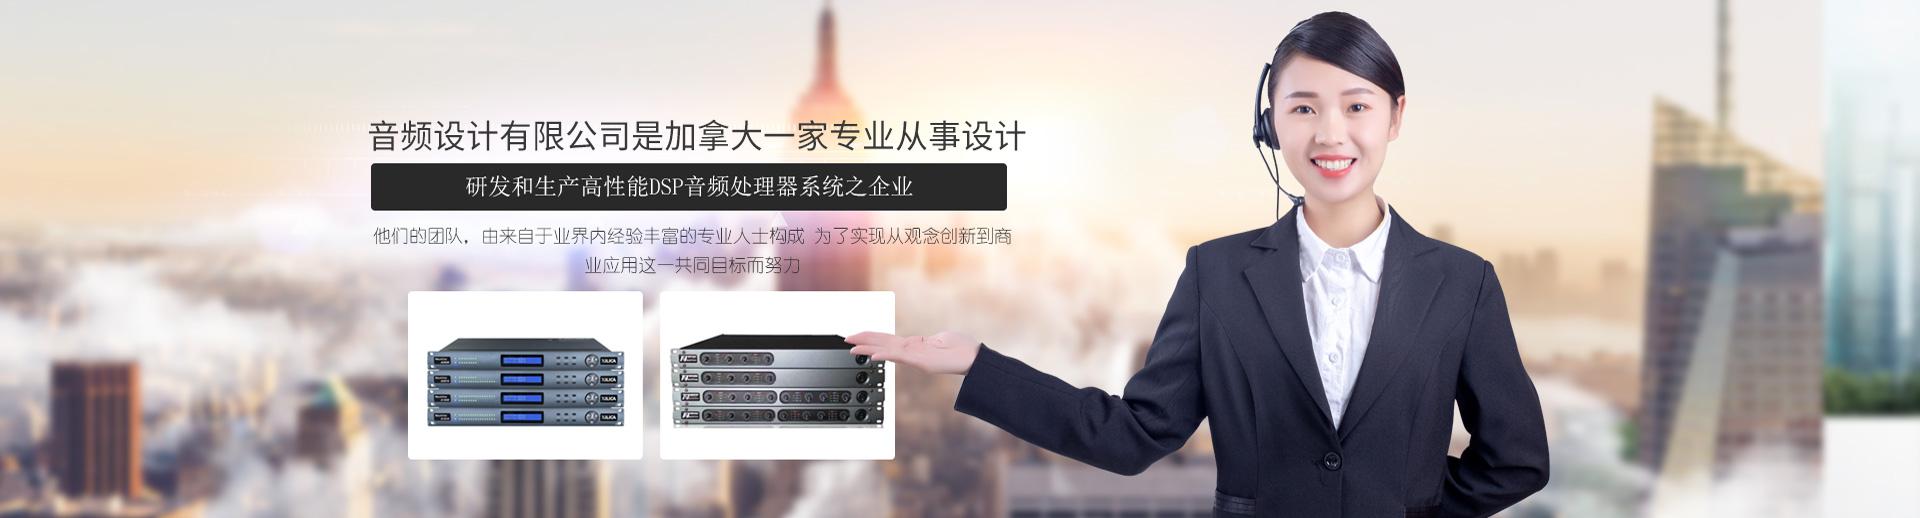 杭州舞台音视频系统